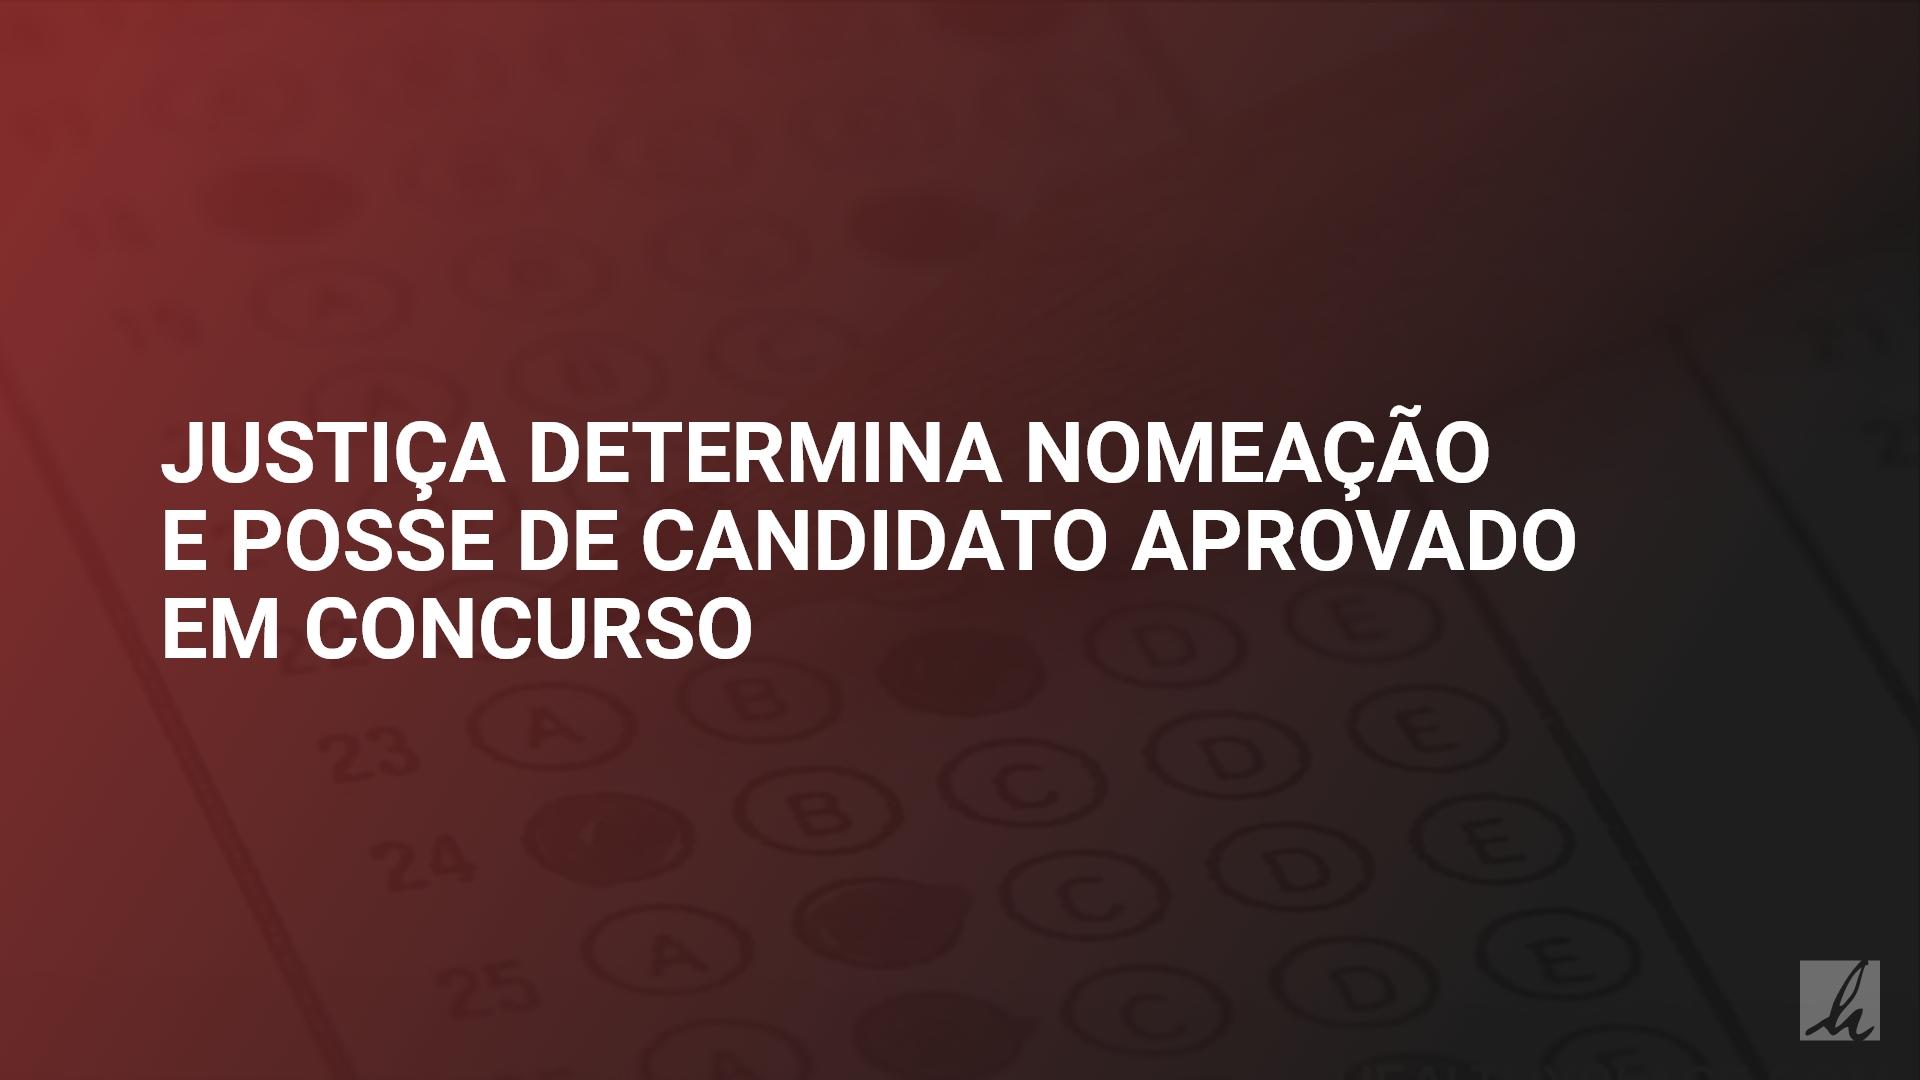 Justiça determina nomeação e posse de candidato aprovado em concurso